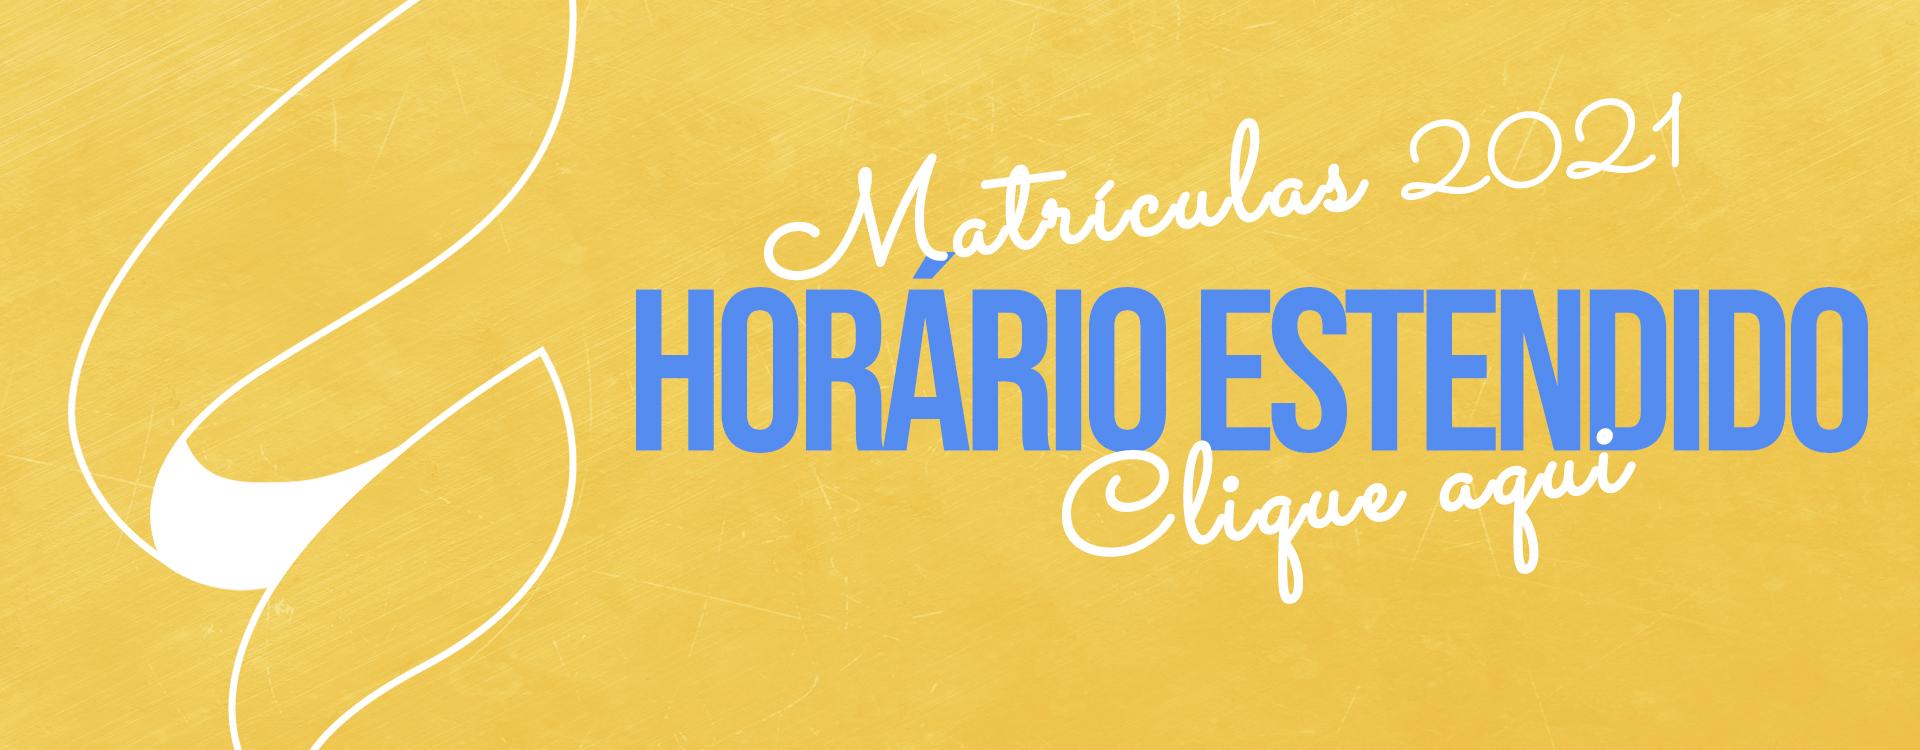 https://safa.com.br/site/wp-content/uploads/2021/01/Matrícula-Estendido.jpg